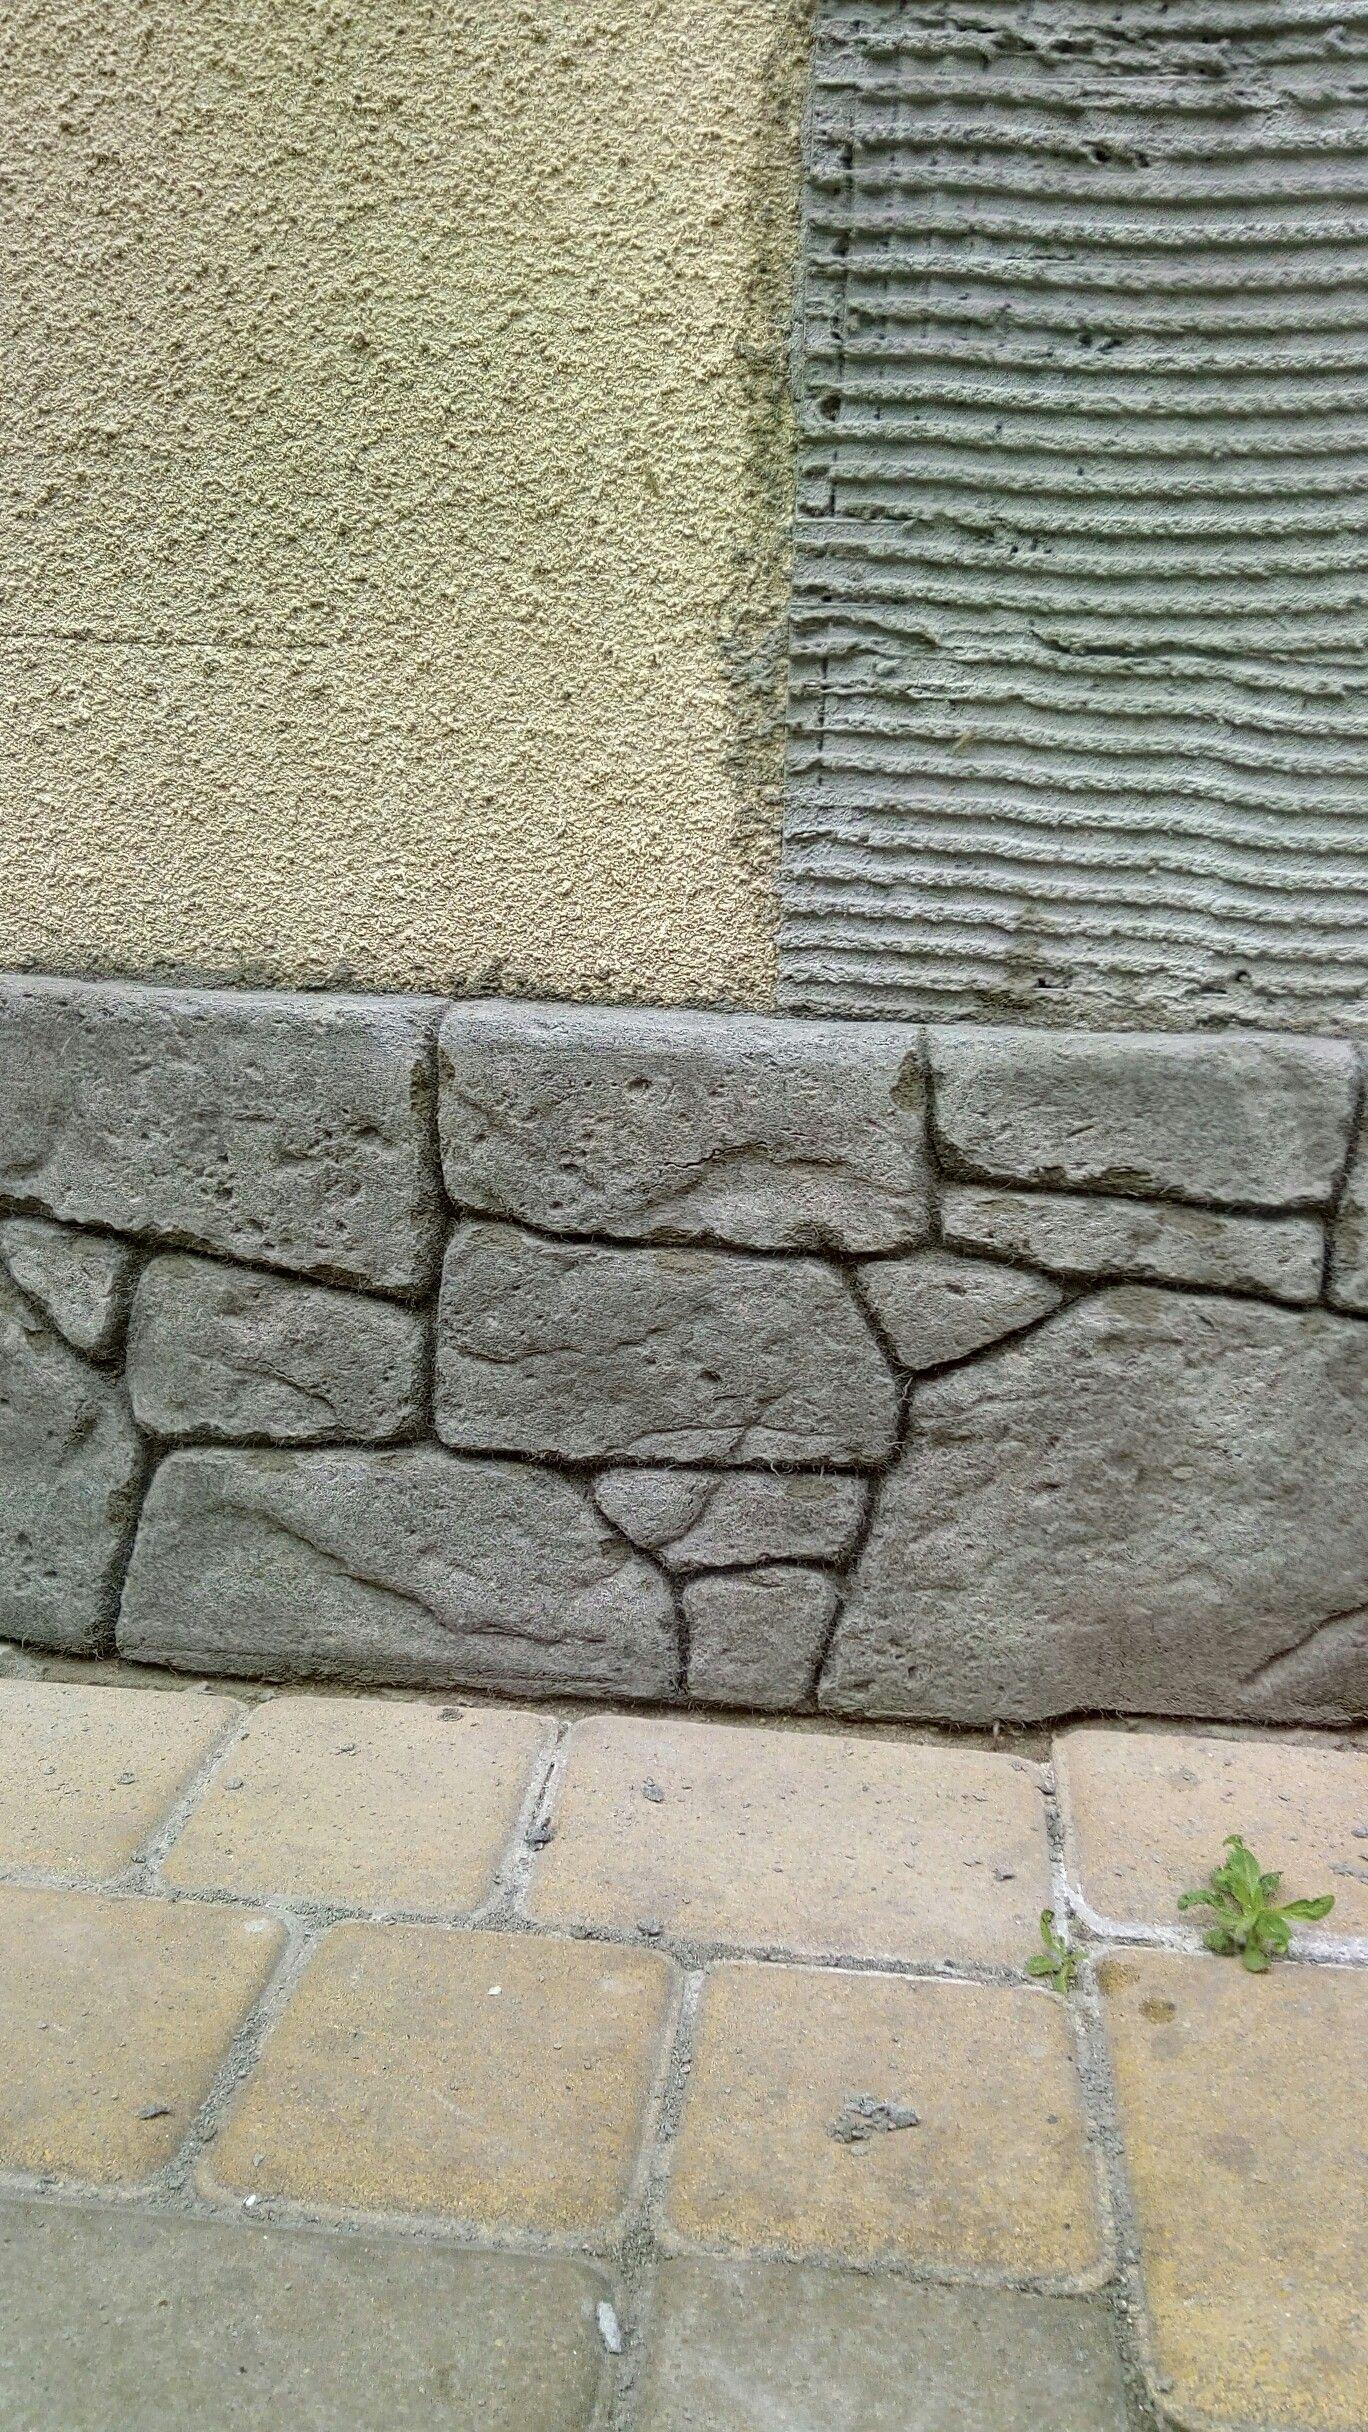 облицовка бетона камнем